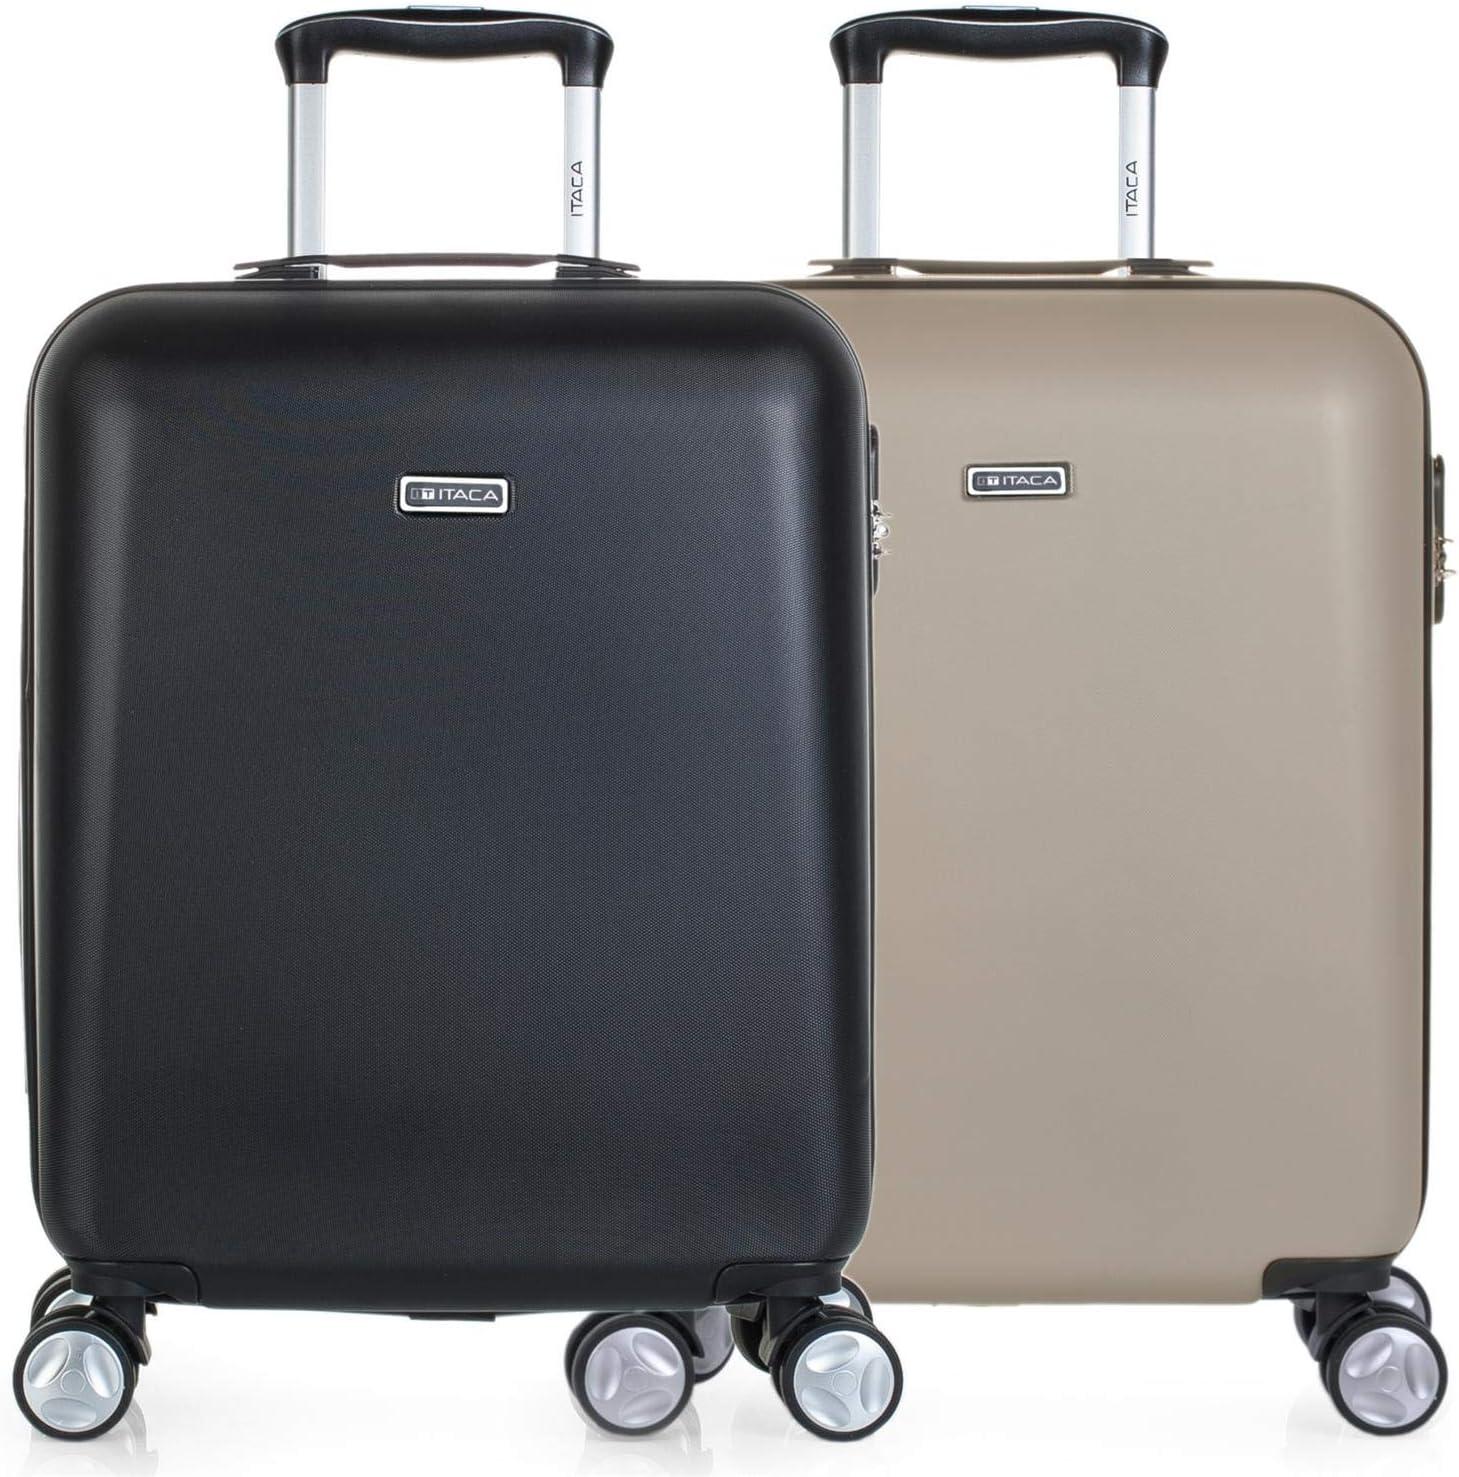 ITACA - Pack 2 Maletas de Viaje Rígidas 4 Ruedas 55x40x20 cm Cabina Trolley ABS. Equipaje de Mano. Resistentes y Ligeras. Mango Asa Candado. Low Cost Ryanair. T58050P, Color Negro/Champagne